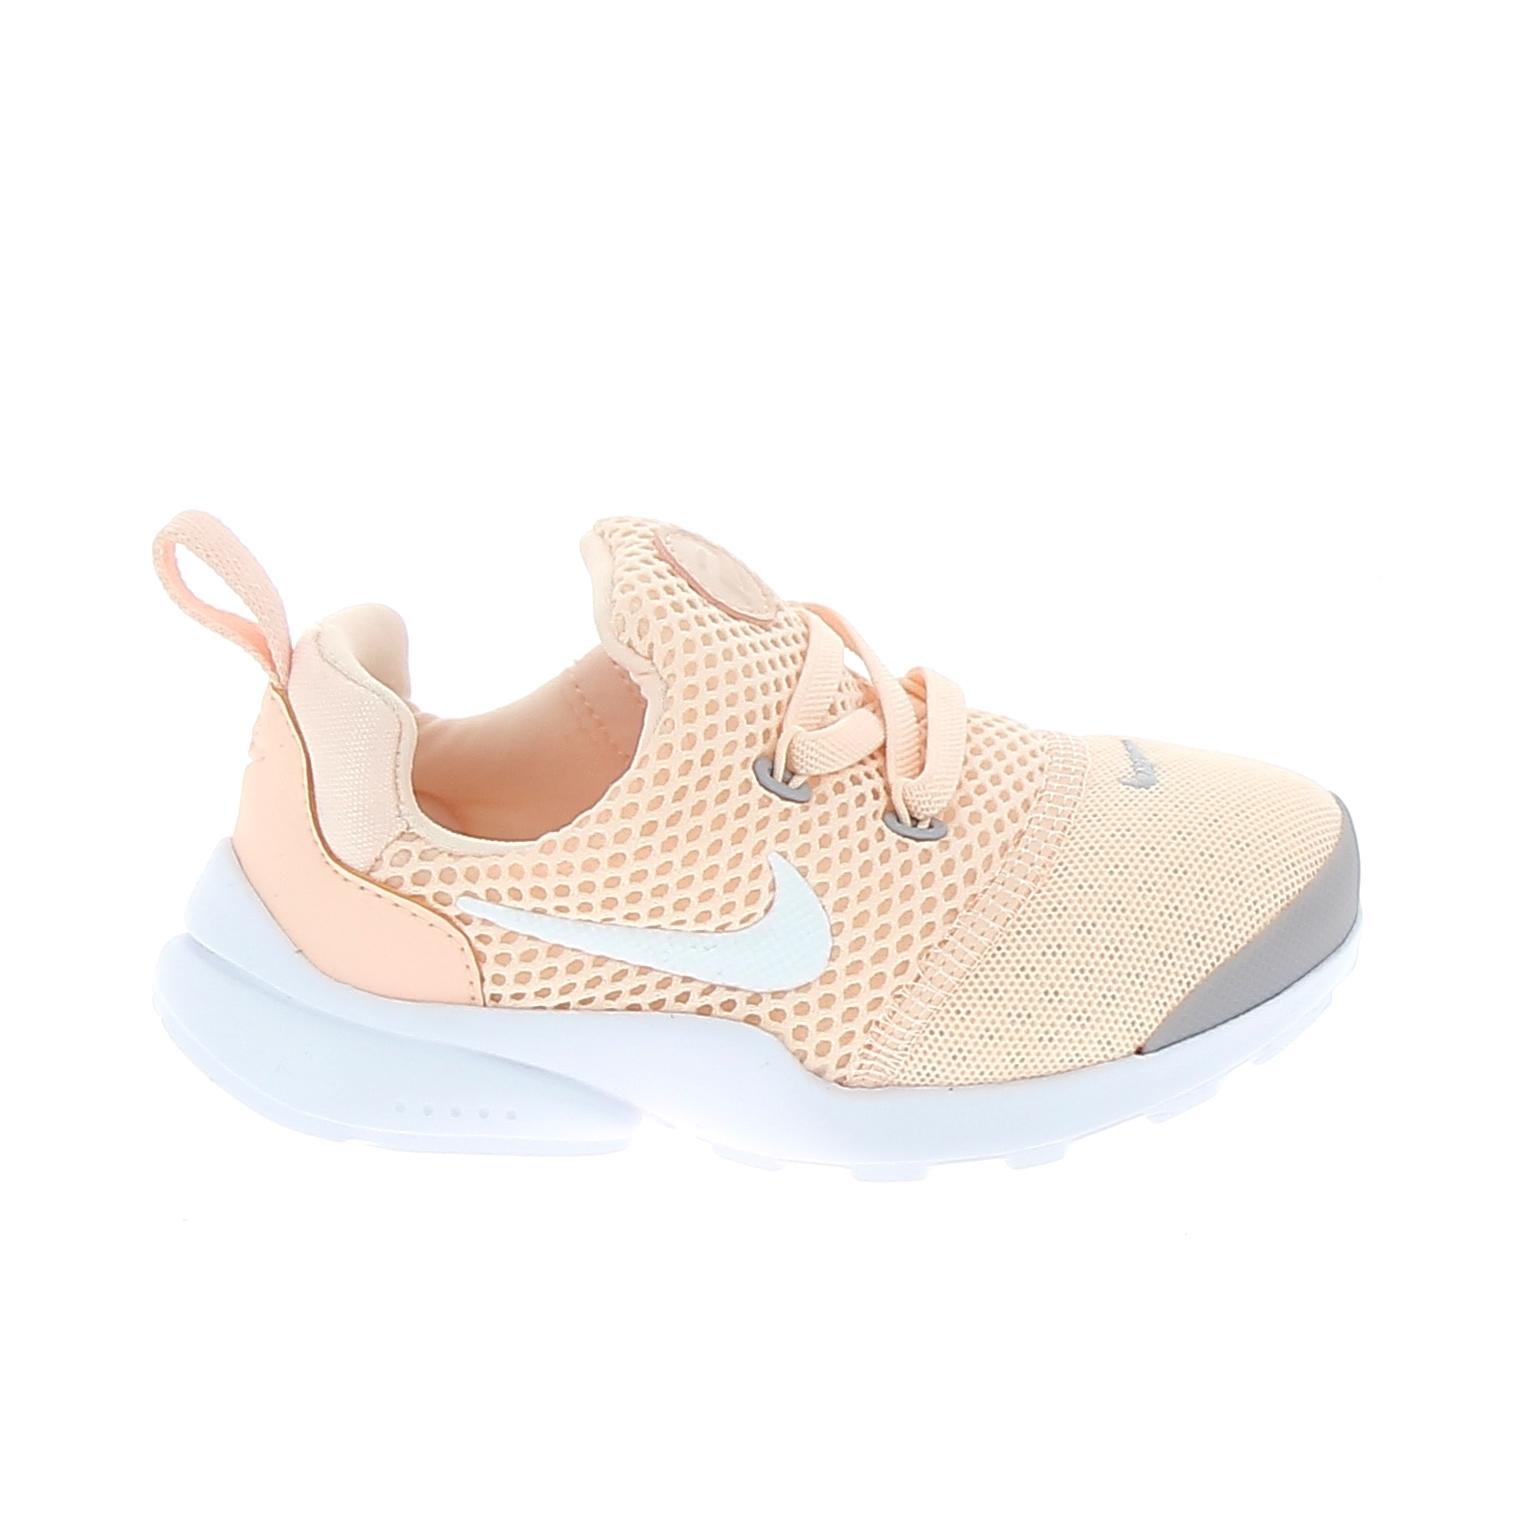 b41d64a89e2be Chaussure bébé NIKE Presto Fly BB Rose